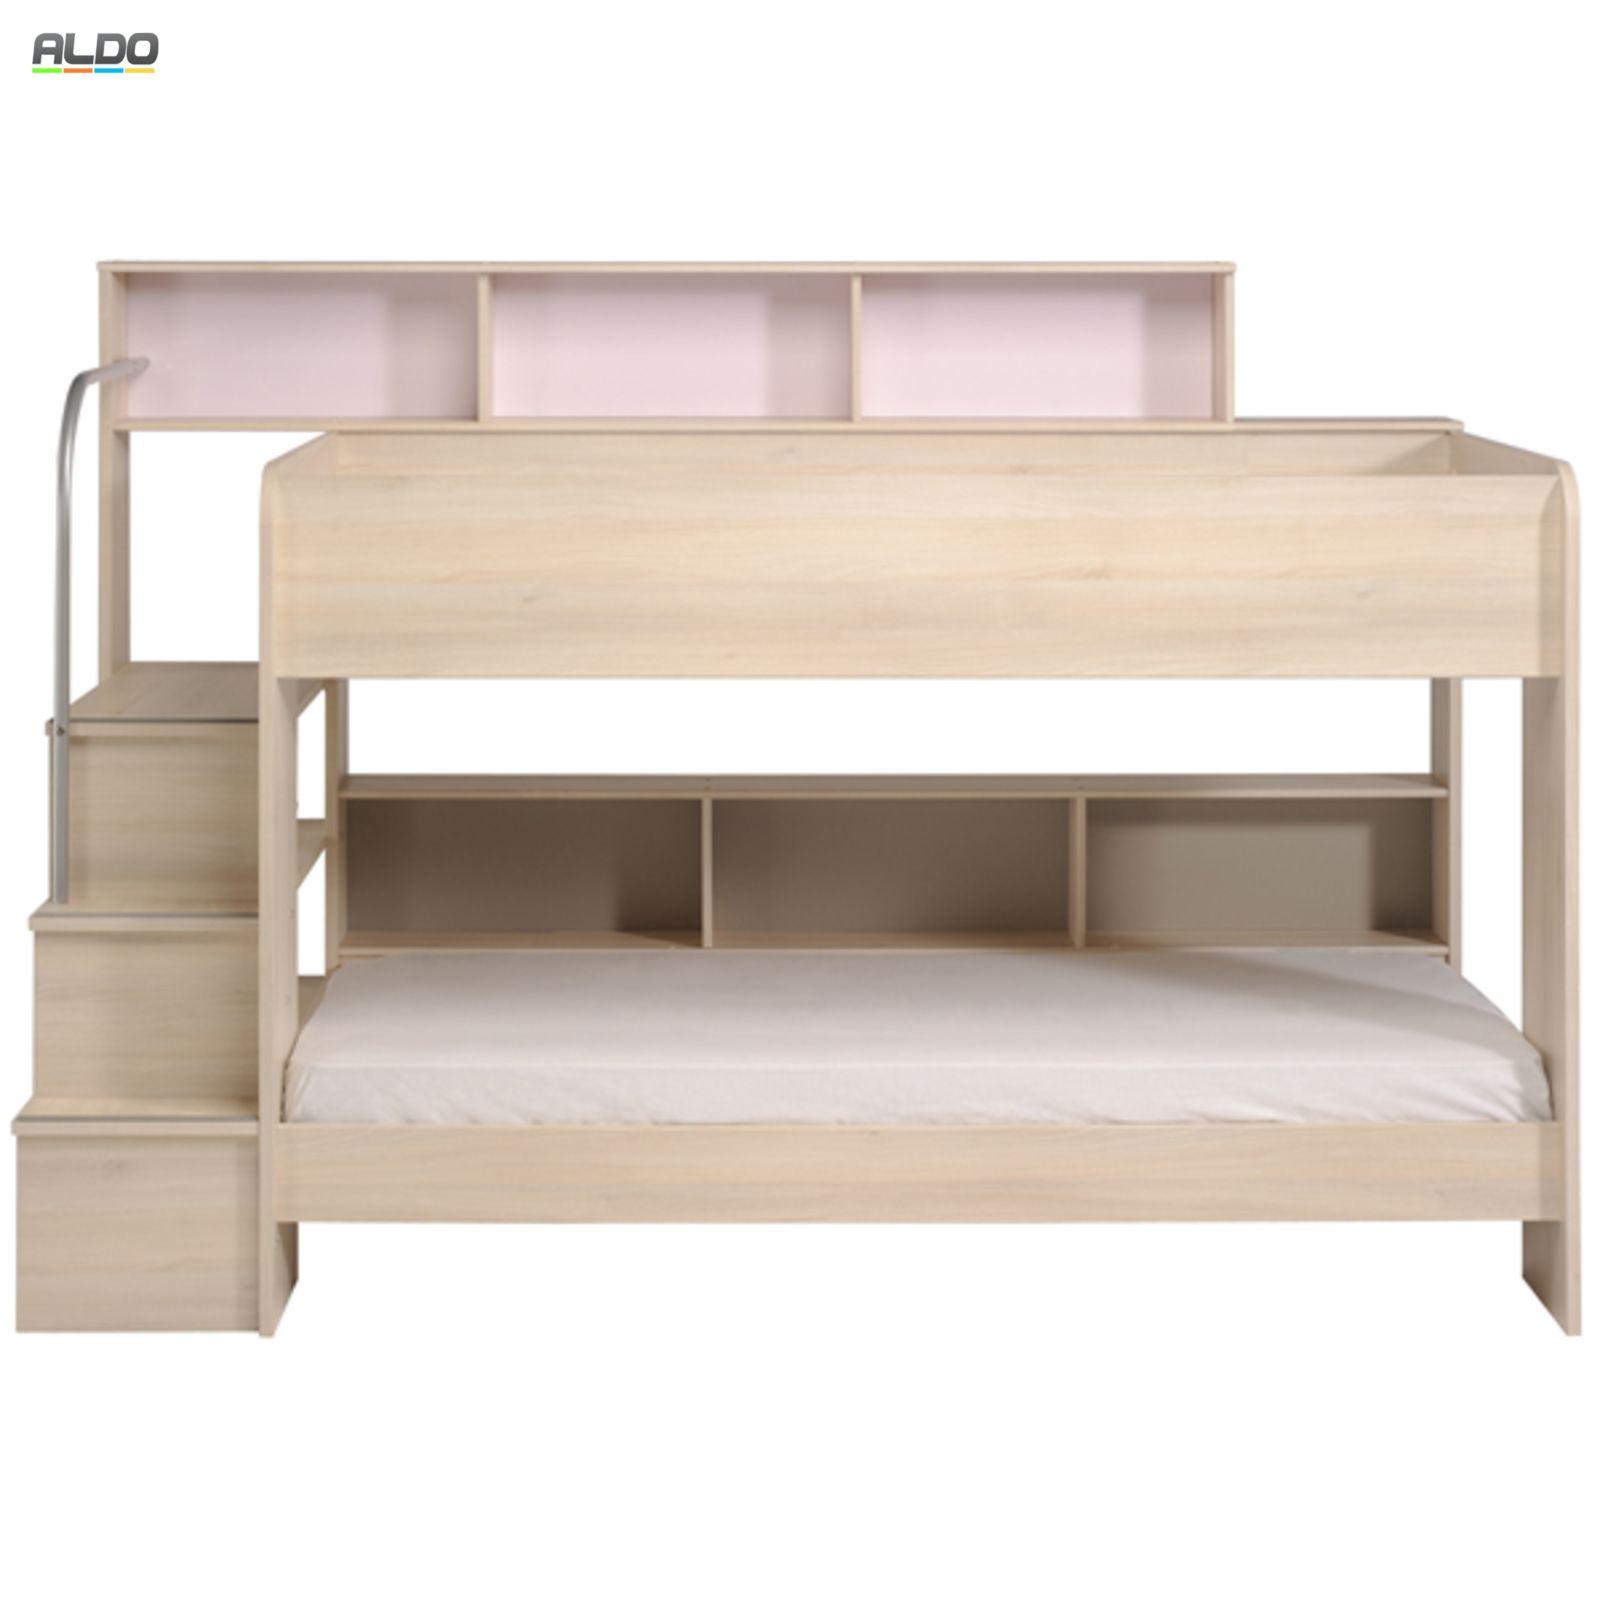 b5bd1f628a Detská posteľ Bibop - 3 osoby